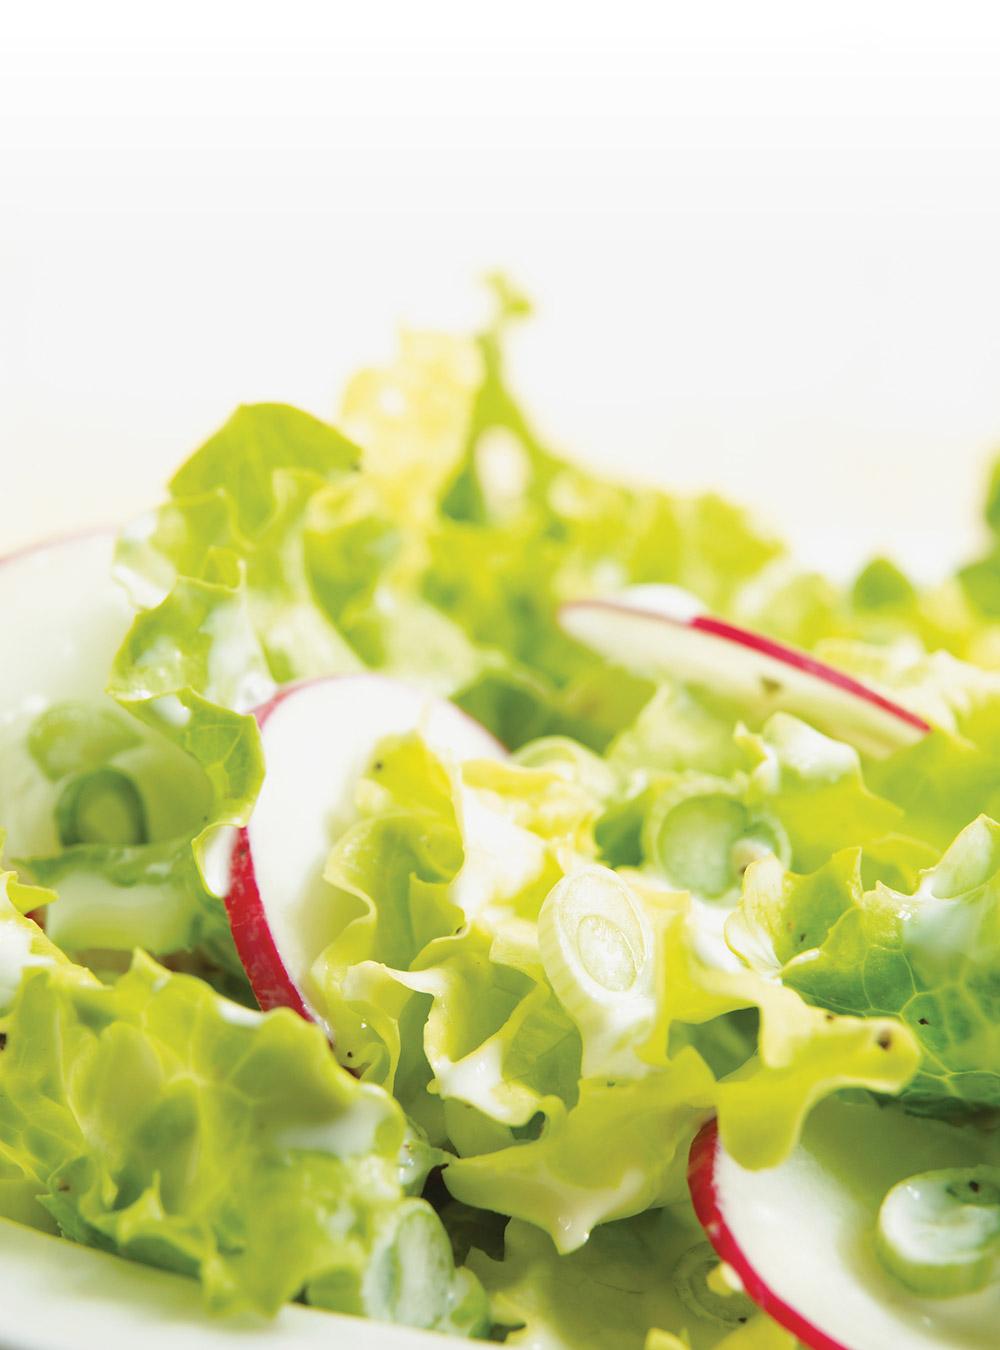 Salade verte la cr me ricardo - Salade verte composee ...